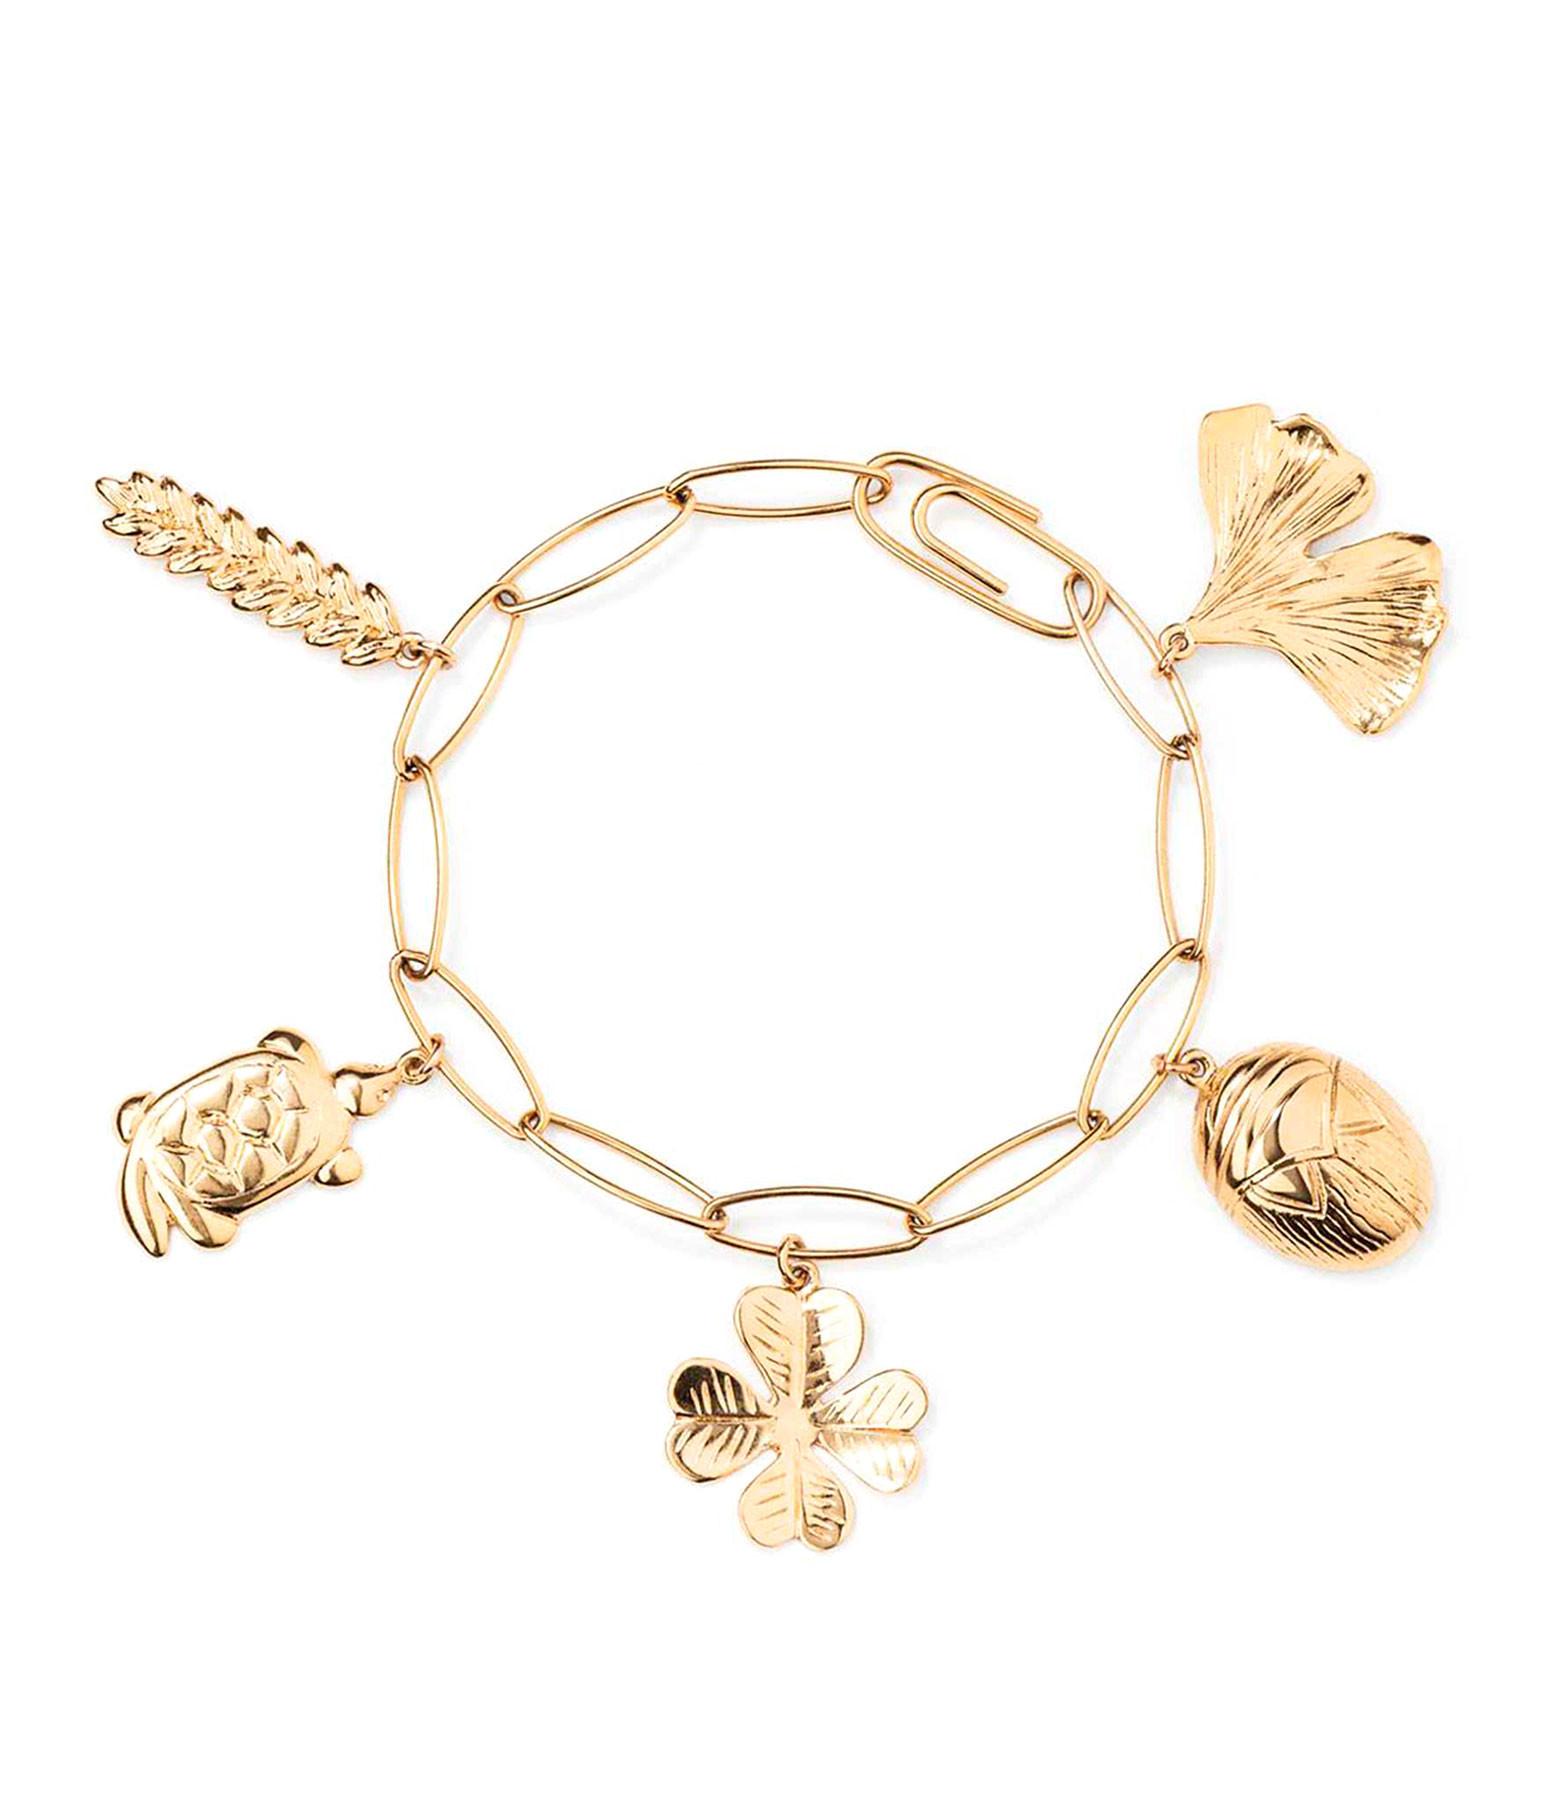 AURELIE BIDERMANN - Bracelet Aurélie Charms Plaqué Or